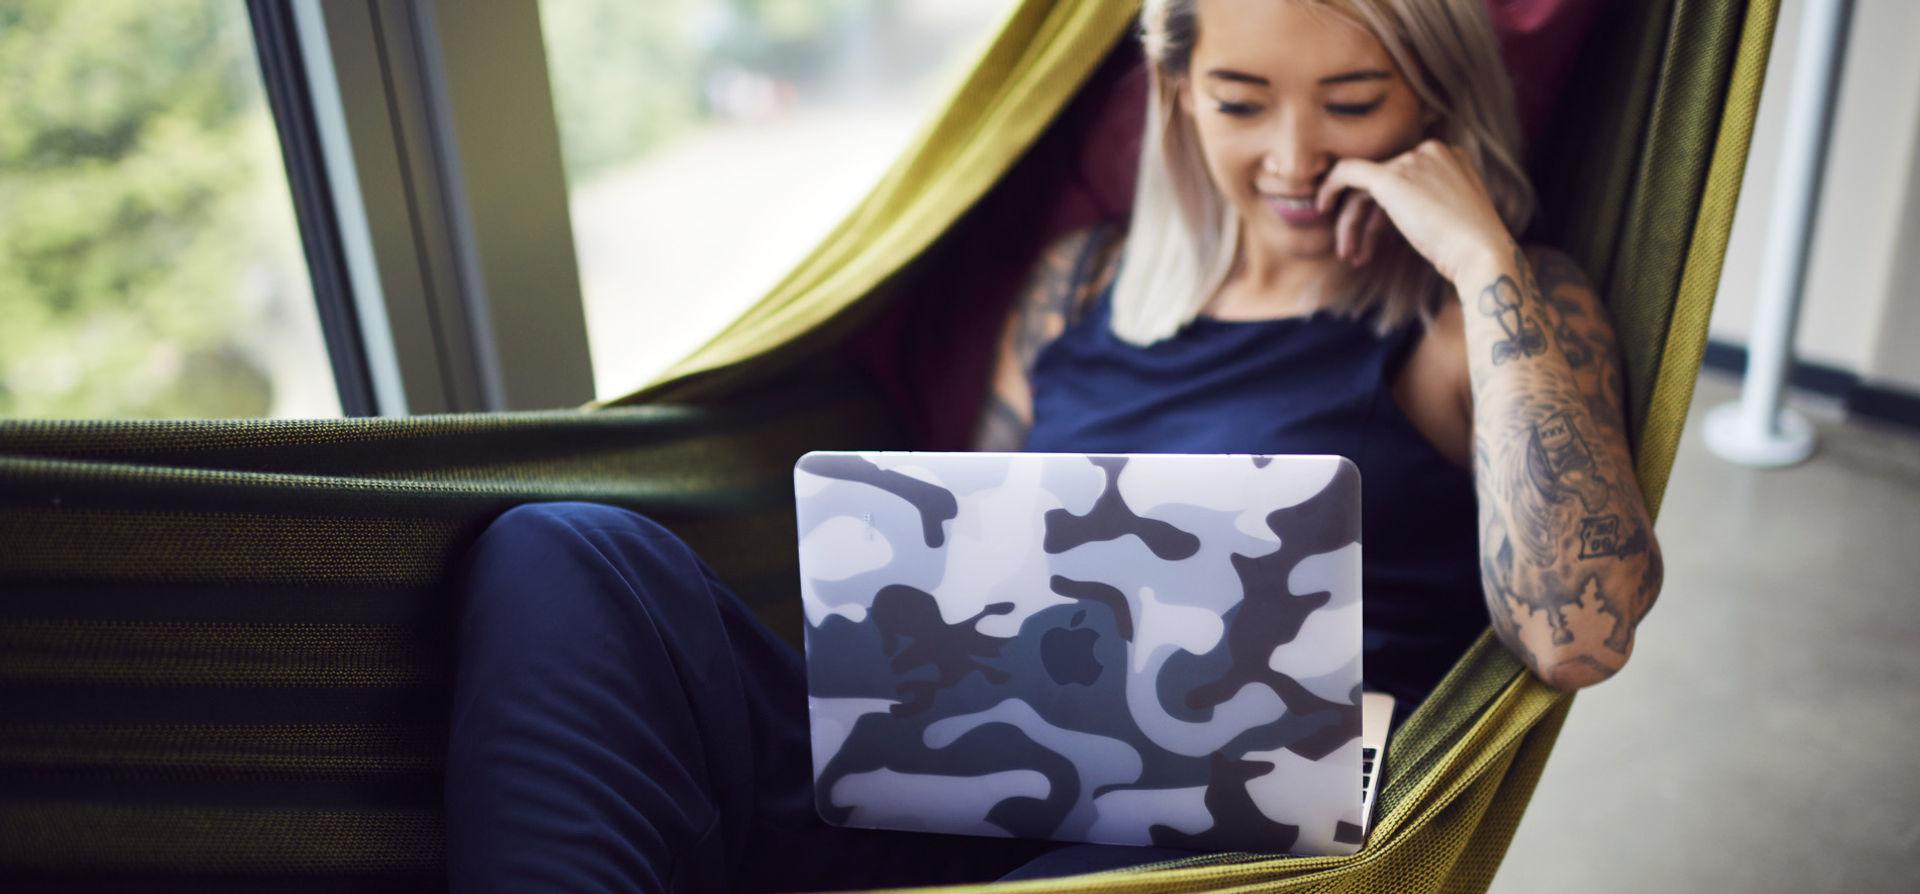 Individueller Style für Deinen mobilen Alltag